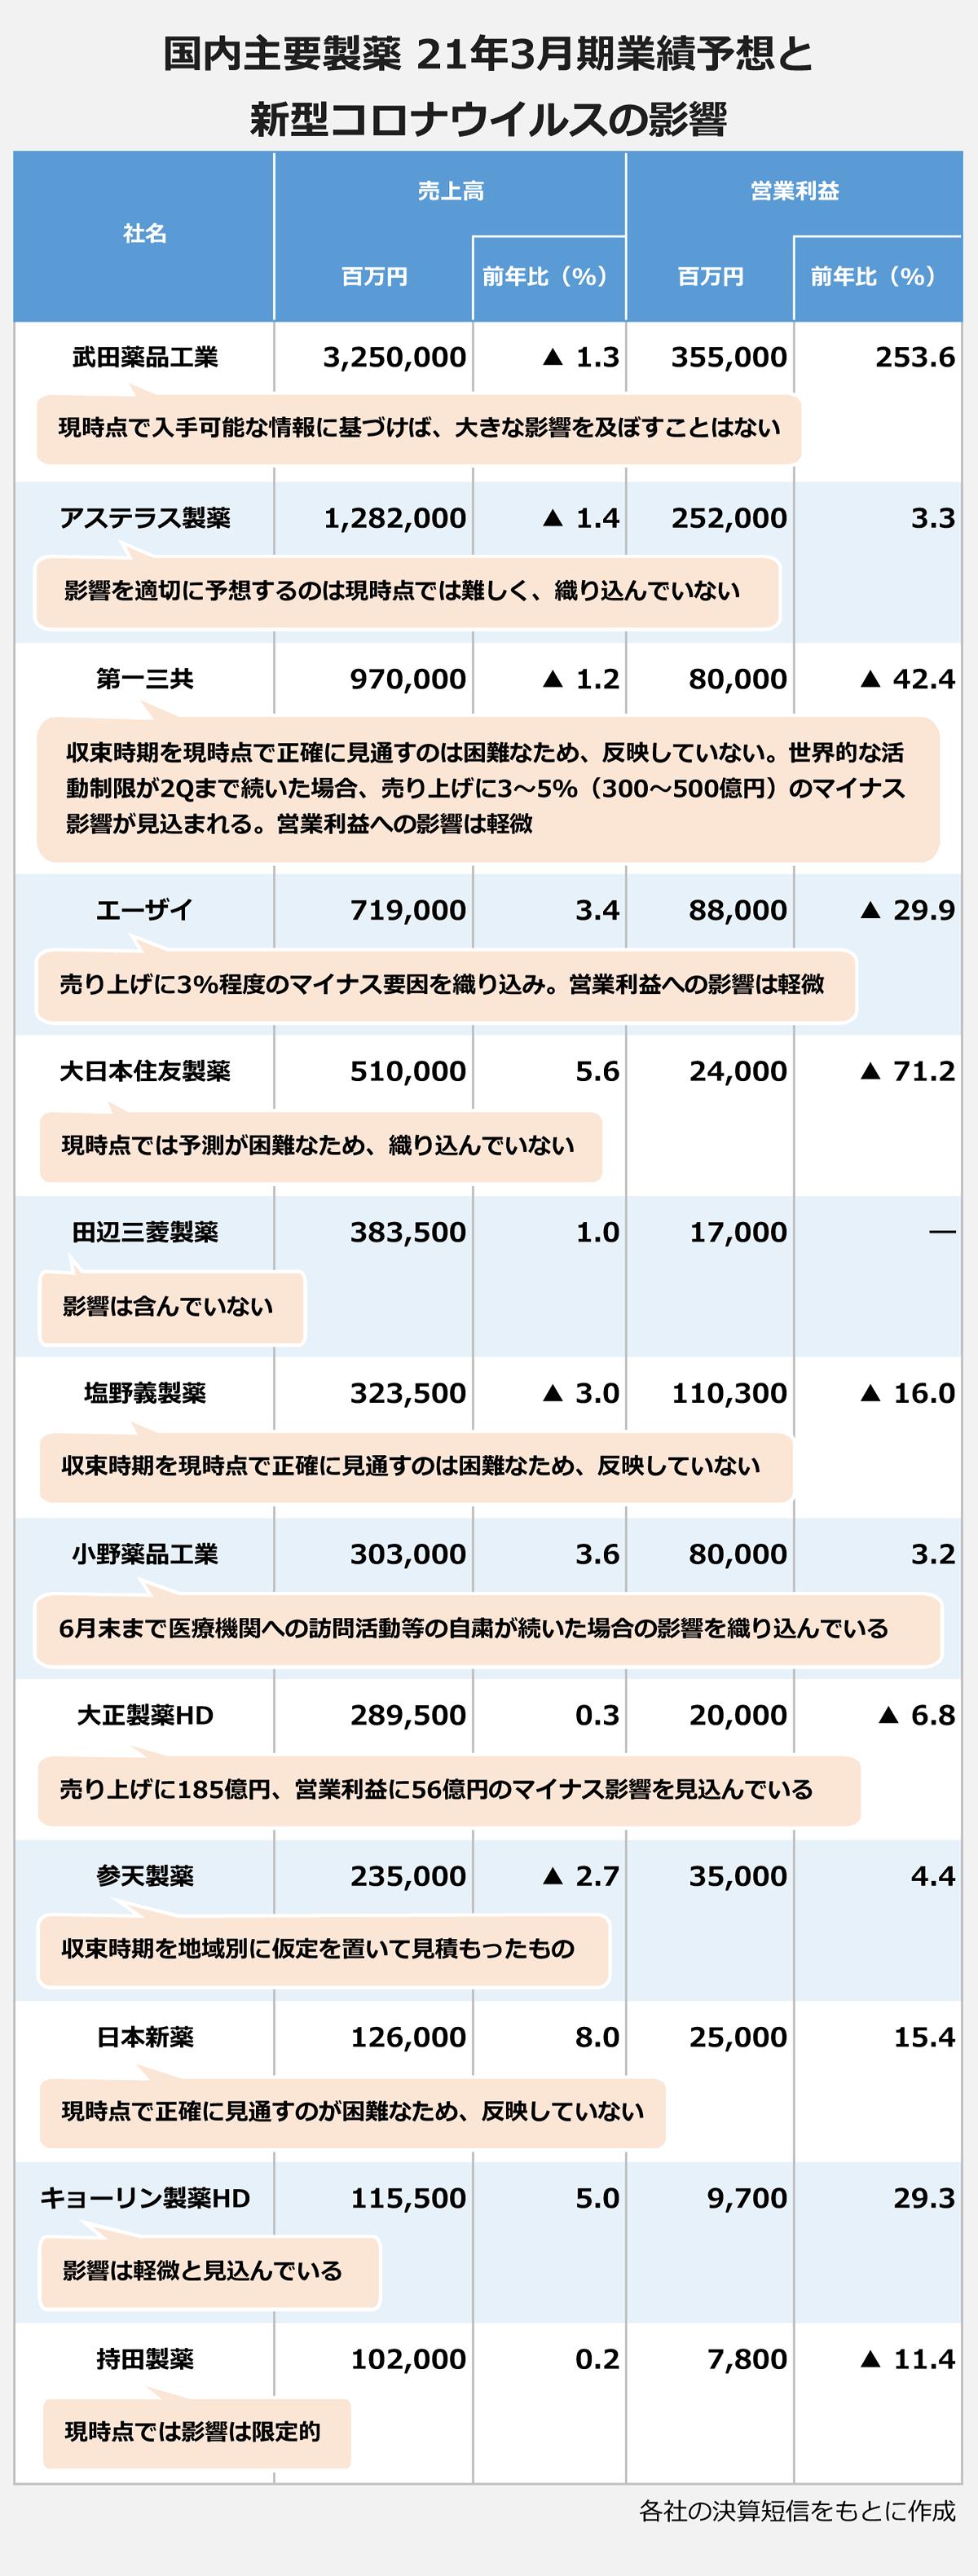 【国内主要製薬/21年3月期業績予想と新型コロナウイルスの影響】(社名/売上高(百万円・前年比(%))/営業利益(百万円・前年比(%)): 武田薬品工業/3,250,000・▲1.3/355,000・253.6 「現時点で入手可能な情報に基づけば、大きな影響を及ぼすことはない」 |アステラス製薬/1,282,000・▲1.4/252,000・3.3 「影響を適切に予想するのは現時点では難しく、織り込んでいない」 |第一三共/970,000・▲1.2/80,000・▲42.4 「収束時期を現時点で正確に見直すのは困難なため、反映していない。世界的な活動制限が2Qまで続いた場合、売上に3~5%(300~500億円)のマイナス影響が見込まれる。営業利益への影響は軽微」 |エーザイ/719,000・3.4/88,000・▲29.9 「売上に3%程度のマイナス用意を折込。営業利益への影響は軽微」 |大日本住友製薬/510,000・5.6/24,000・▲71.2 「現時点では予測が困難なため、織り込んでいない」 |田辺三菱製薬/383,500・1.0/17,000・― 「影響は含んでいない」 |塩野義製薬/323,500・▲3.0/110,300・▲16.0 「収束時期を現時点で正確に見直すのは困難なため、反映していない」 |小野薬品工業/303,000・3.6/80,000・3.2 「6月末まで医療機関への訪問活動などの自粛が続いた場合の影響を織り込んでいる」 |大正製薬HD/289,500・0.3/20,000・▲6.8 「売り上げに185億円、営業利益に56億円のマイナス影響を見込んでいる」 |参天製薬/235,000・▲2.7/35,000・4.4 「収束時期を地域別に仮定を置いて見積もったもの」 |日本新薬/126,000・8.0/25,000・15.4 「現時点で正確に見直すのが困難なため、反映していない」 |キョーリン製薬HD/115,500・5.0/9,700・29.3 「影響は軽微と見込んでいる」 |持田製薬/102,000・0.2/7,800・▲11.4 「現時点では影響は限定的」 |※各社の決算短信をもとに作成